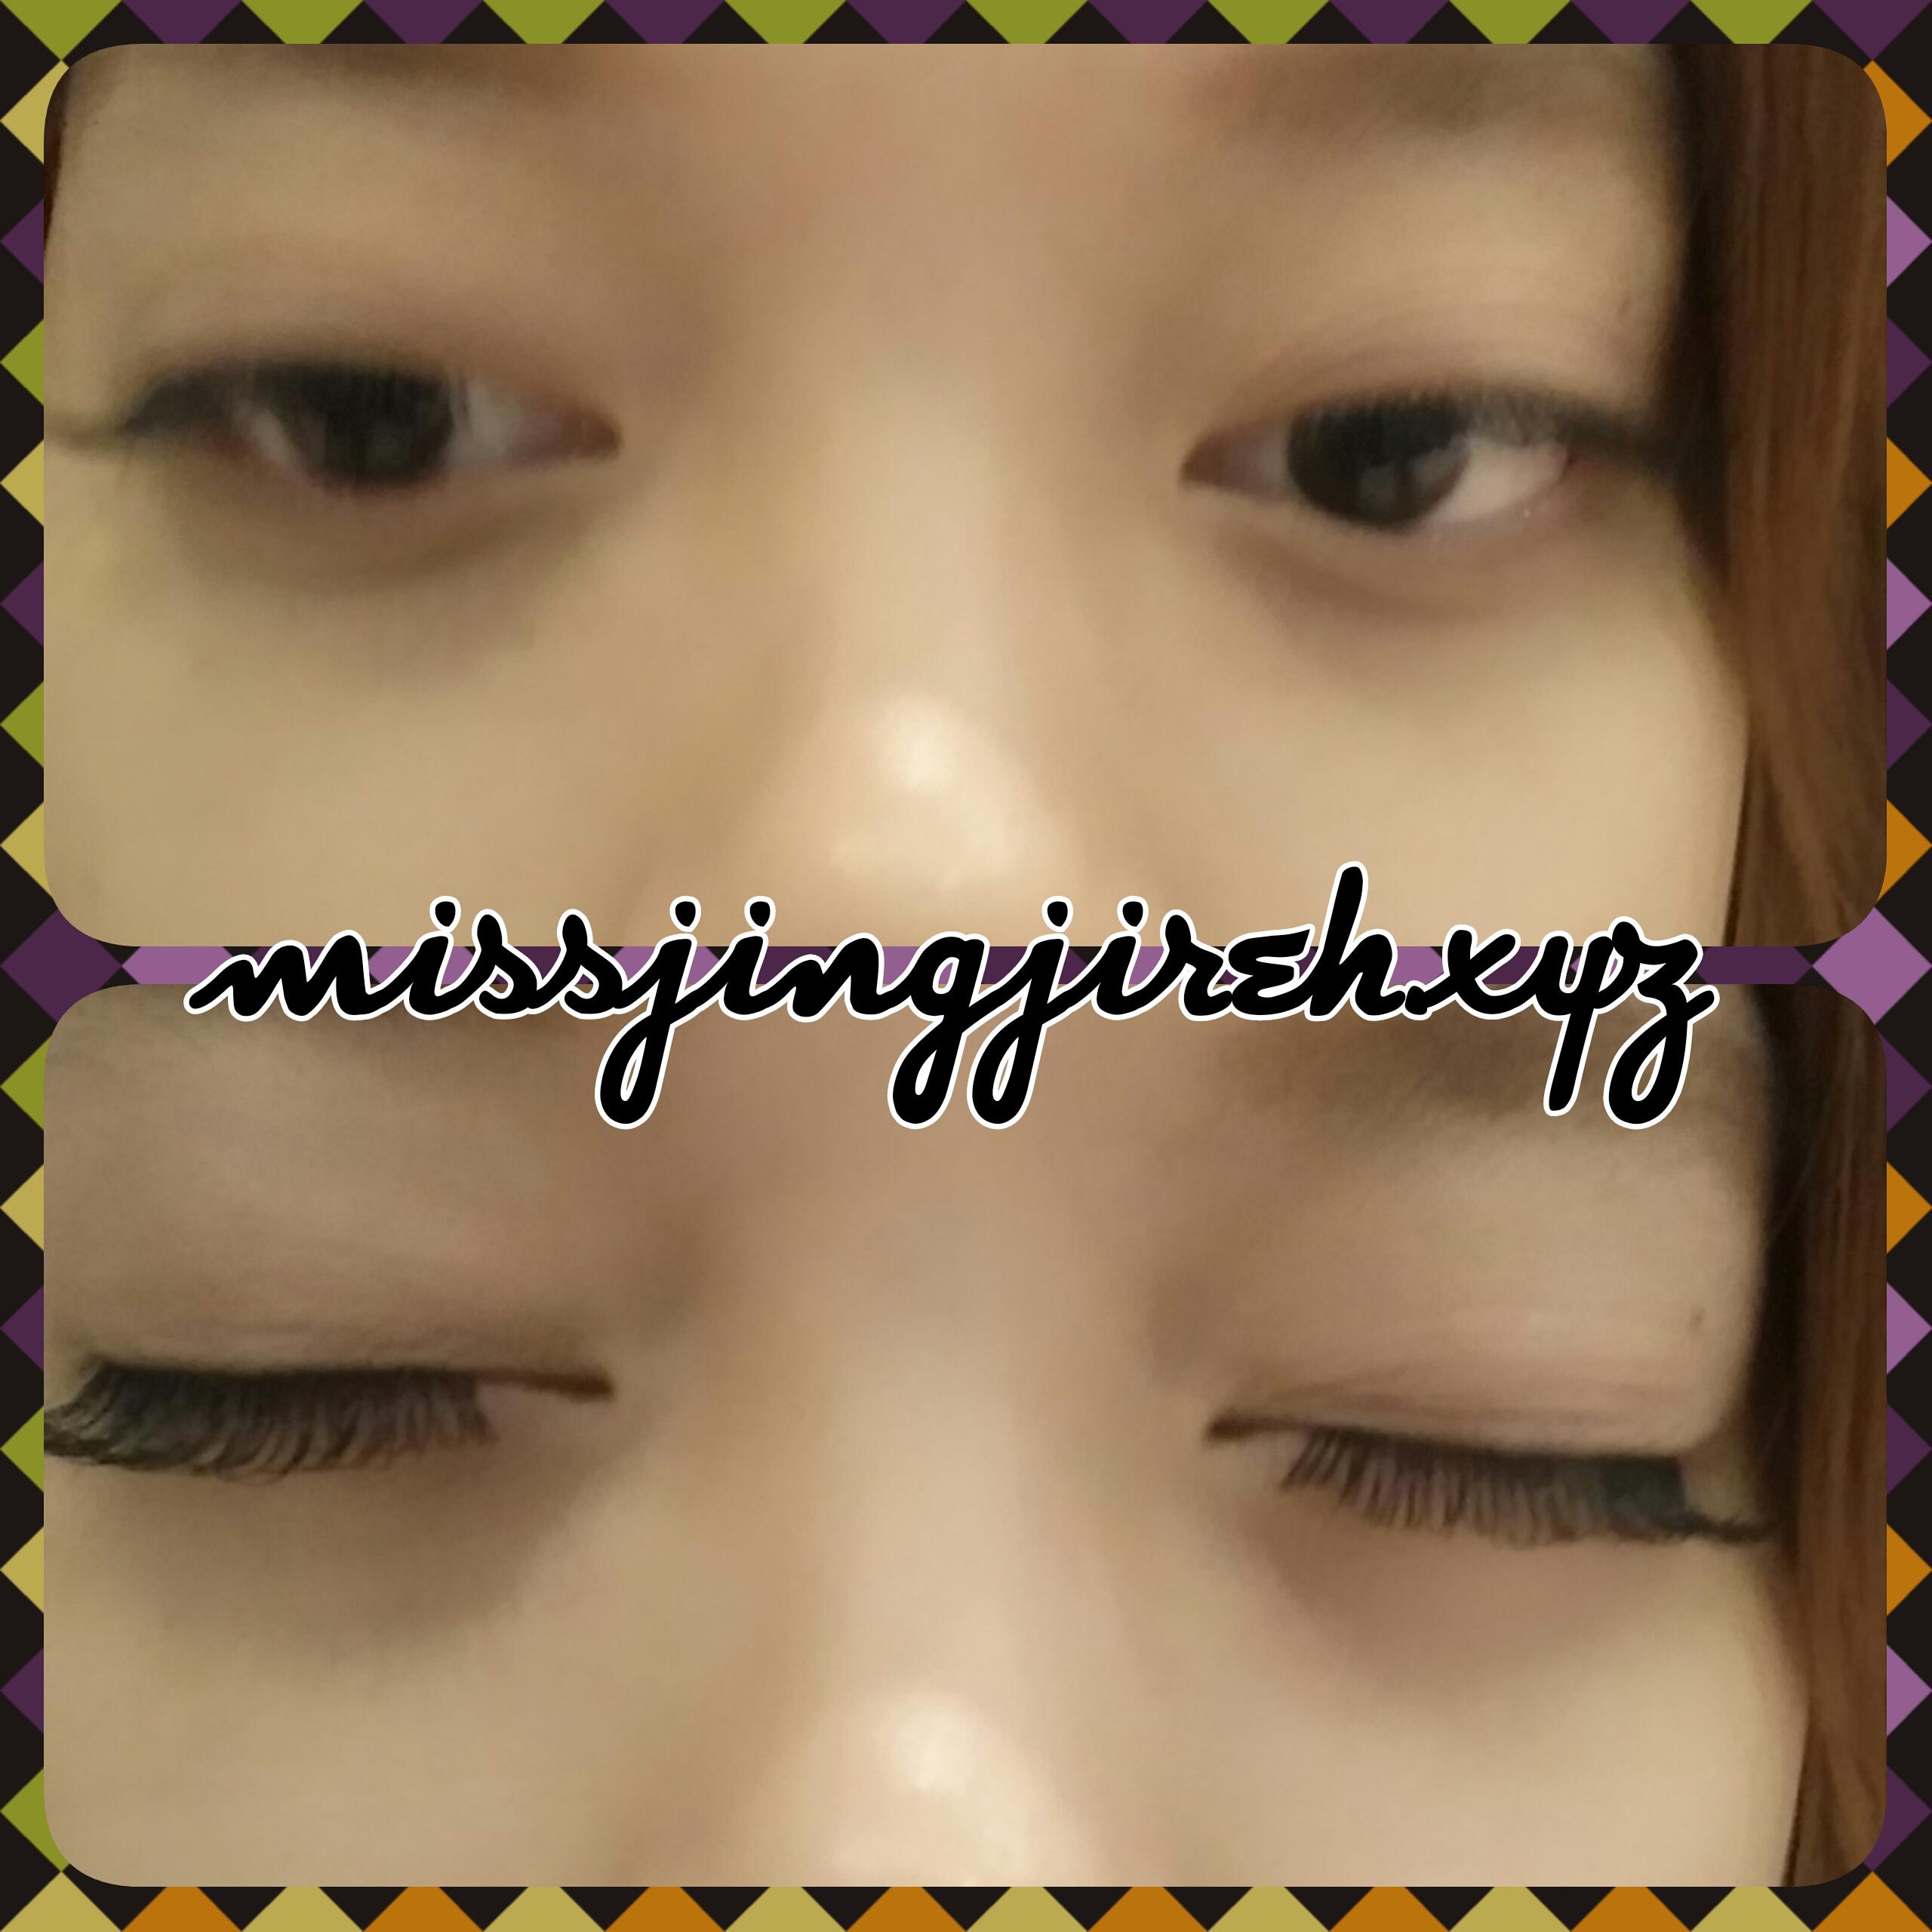 ac669ae1e78 REVIEW] Lash Wishes Eyelash Extensions Glorietta – MissJingJireh